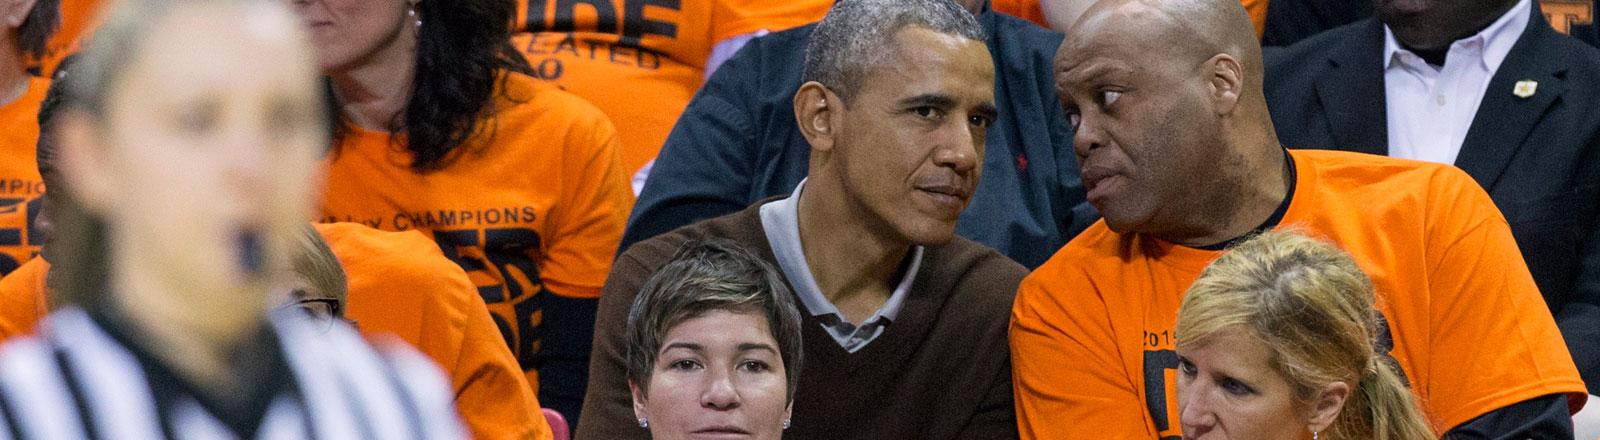 Barack Obama verfolgt mit seinem Schwager ein Spiel der NCAA.